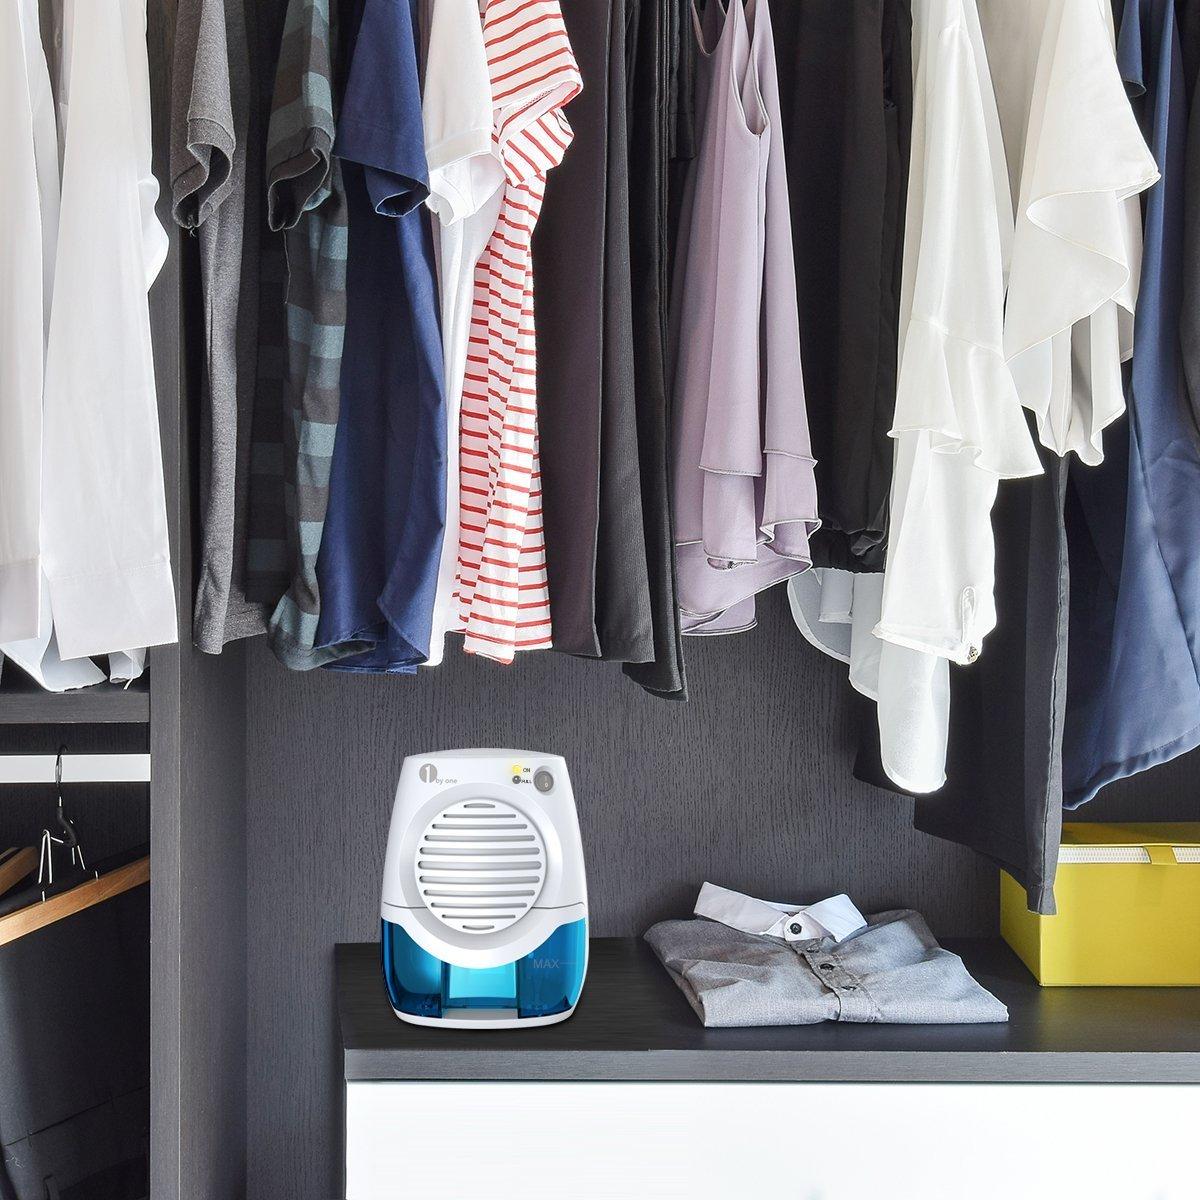 dehumidifier| small dehumidifier| portable dehumidifier| smart home systems| mini dehumidifier